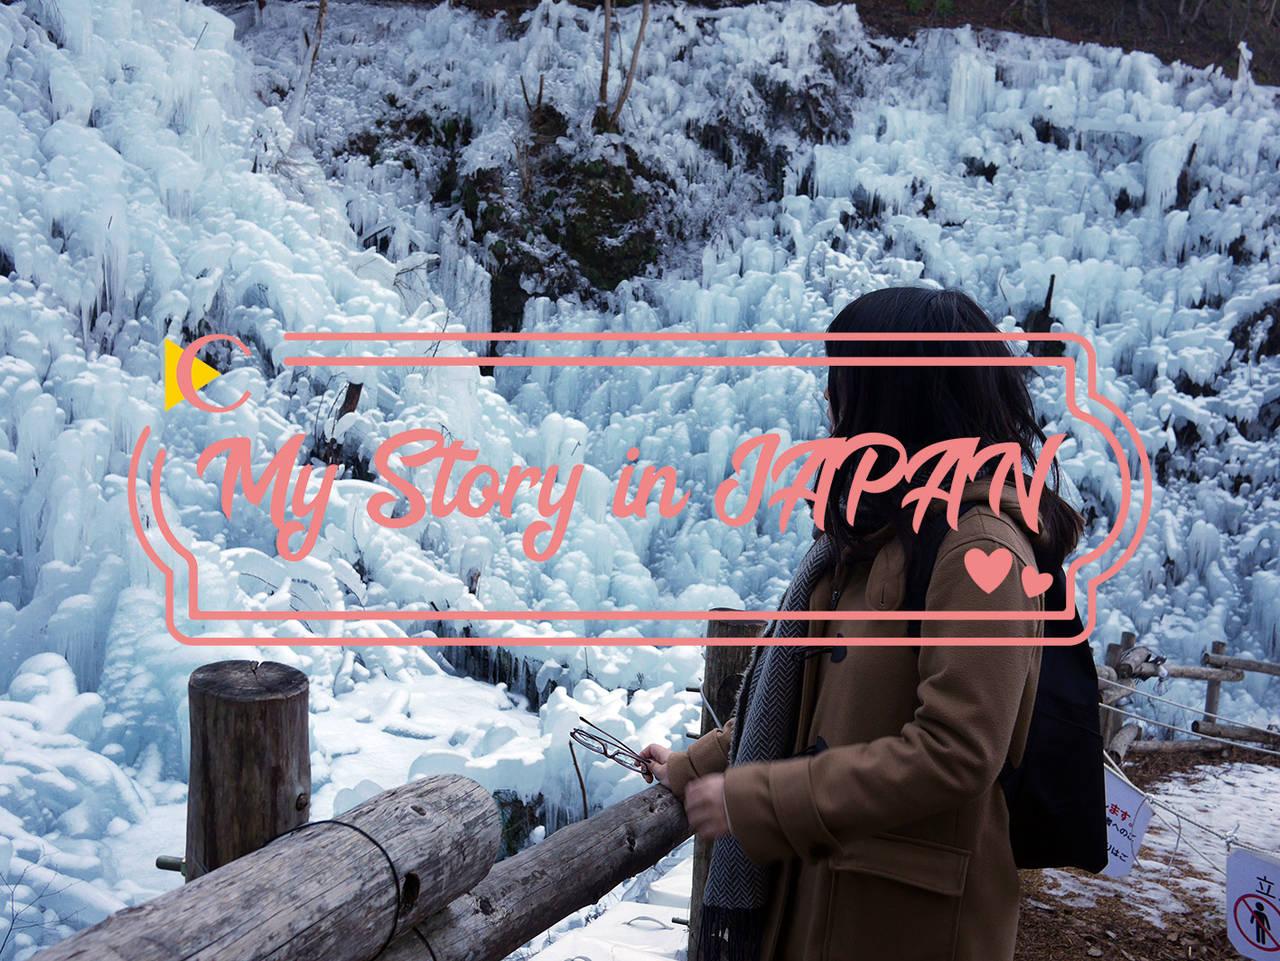 【我的日本生活物語】冬季限定!從東京去秩父看「冰柱」一日遊